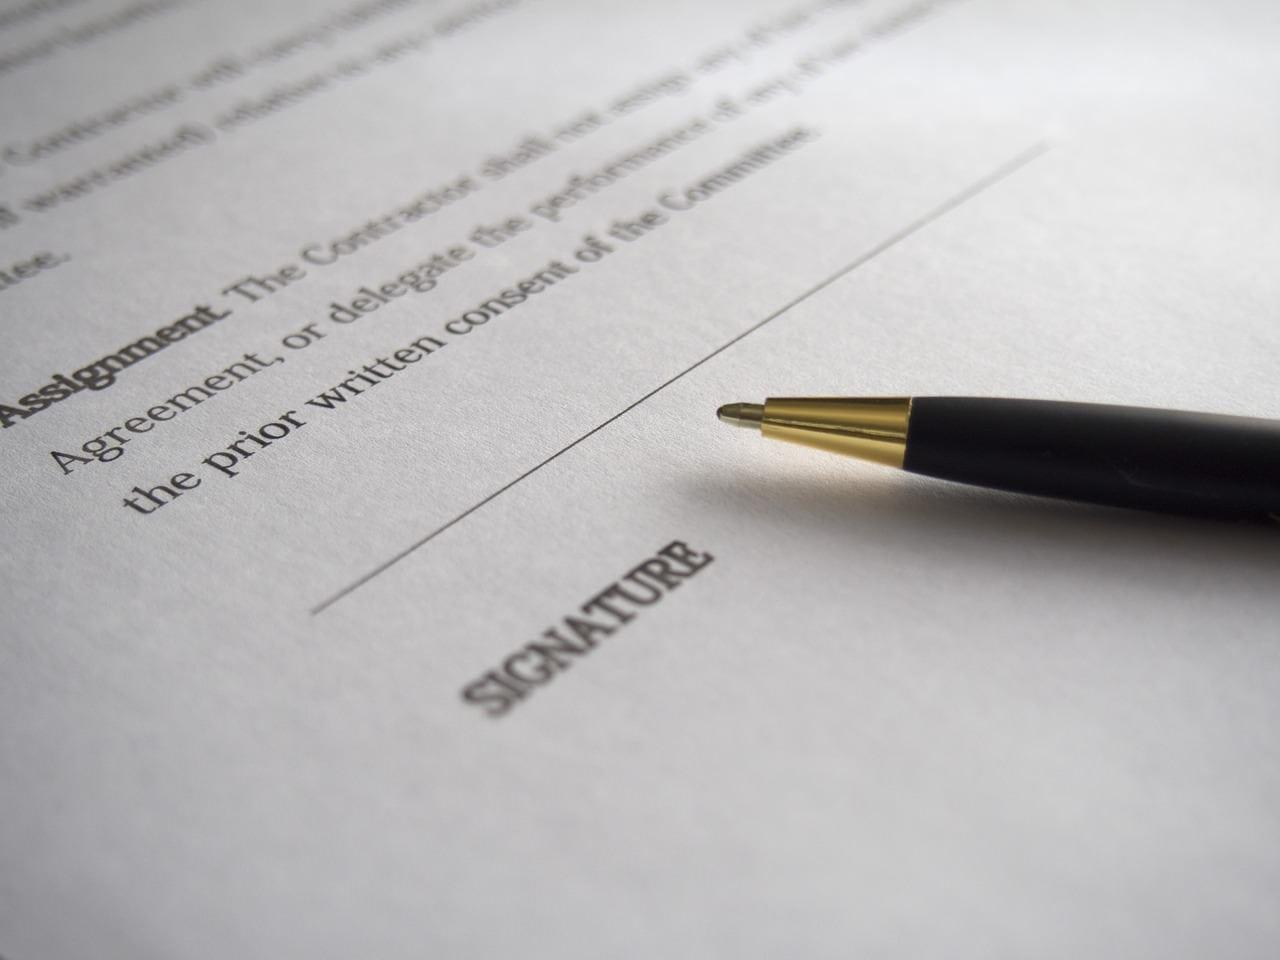 rsv anspruch bei kndigung vertragswertcheck - Restschuldversicherung Kundigen Muster